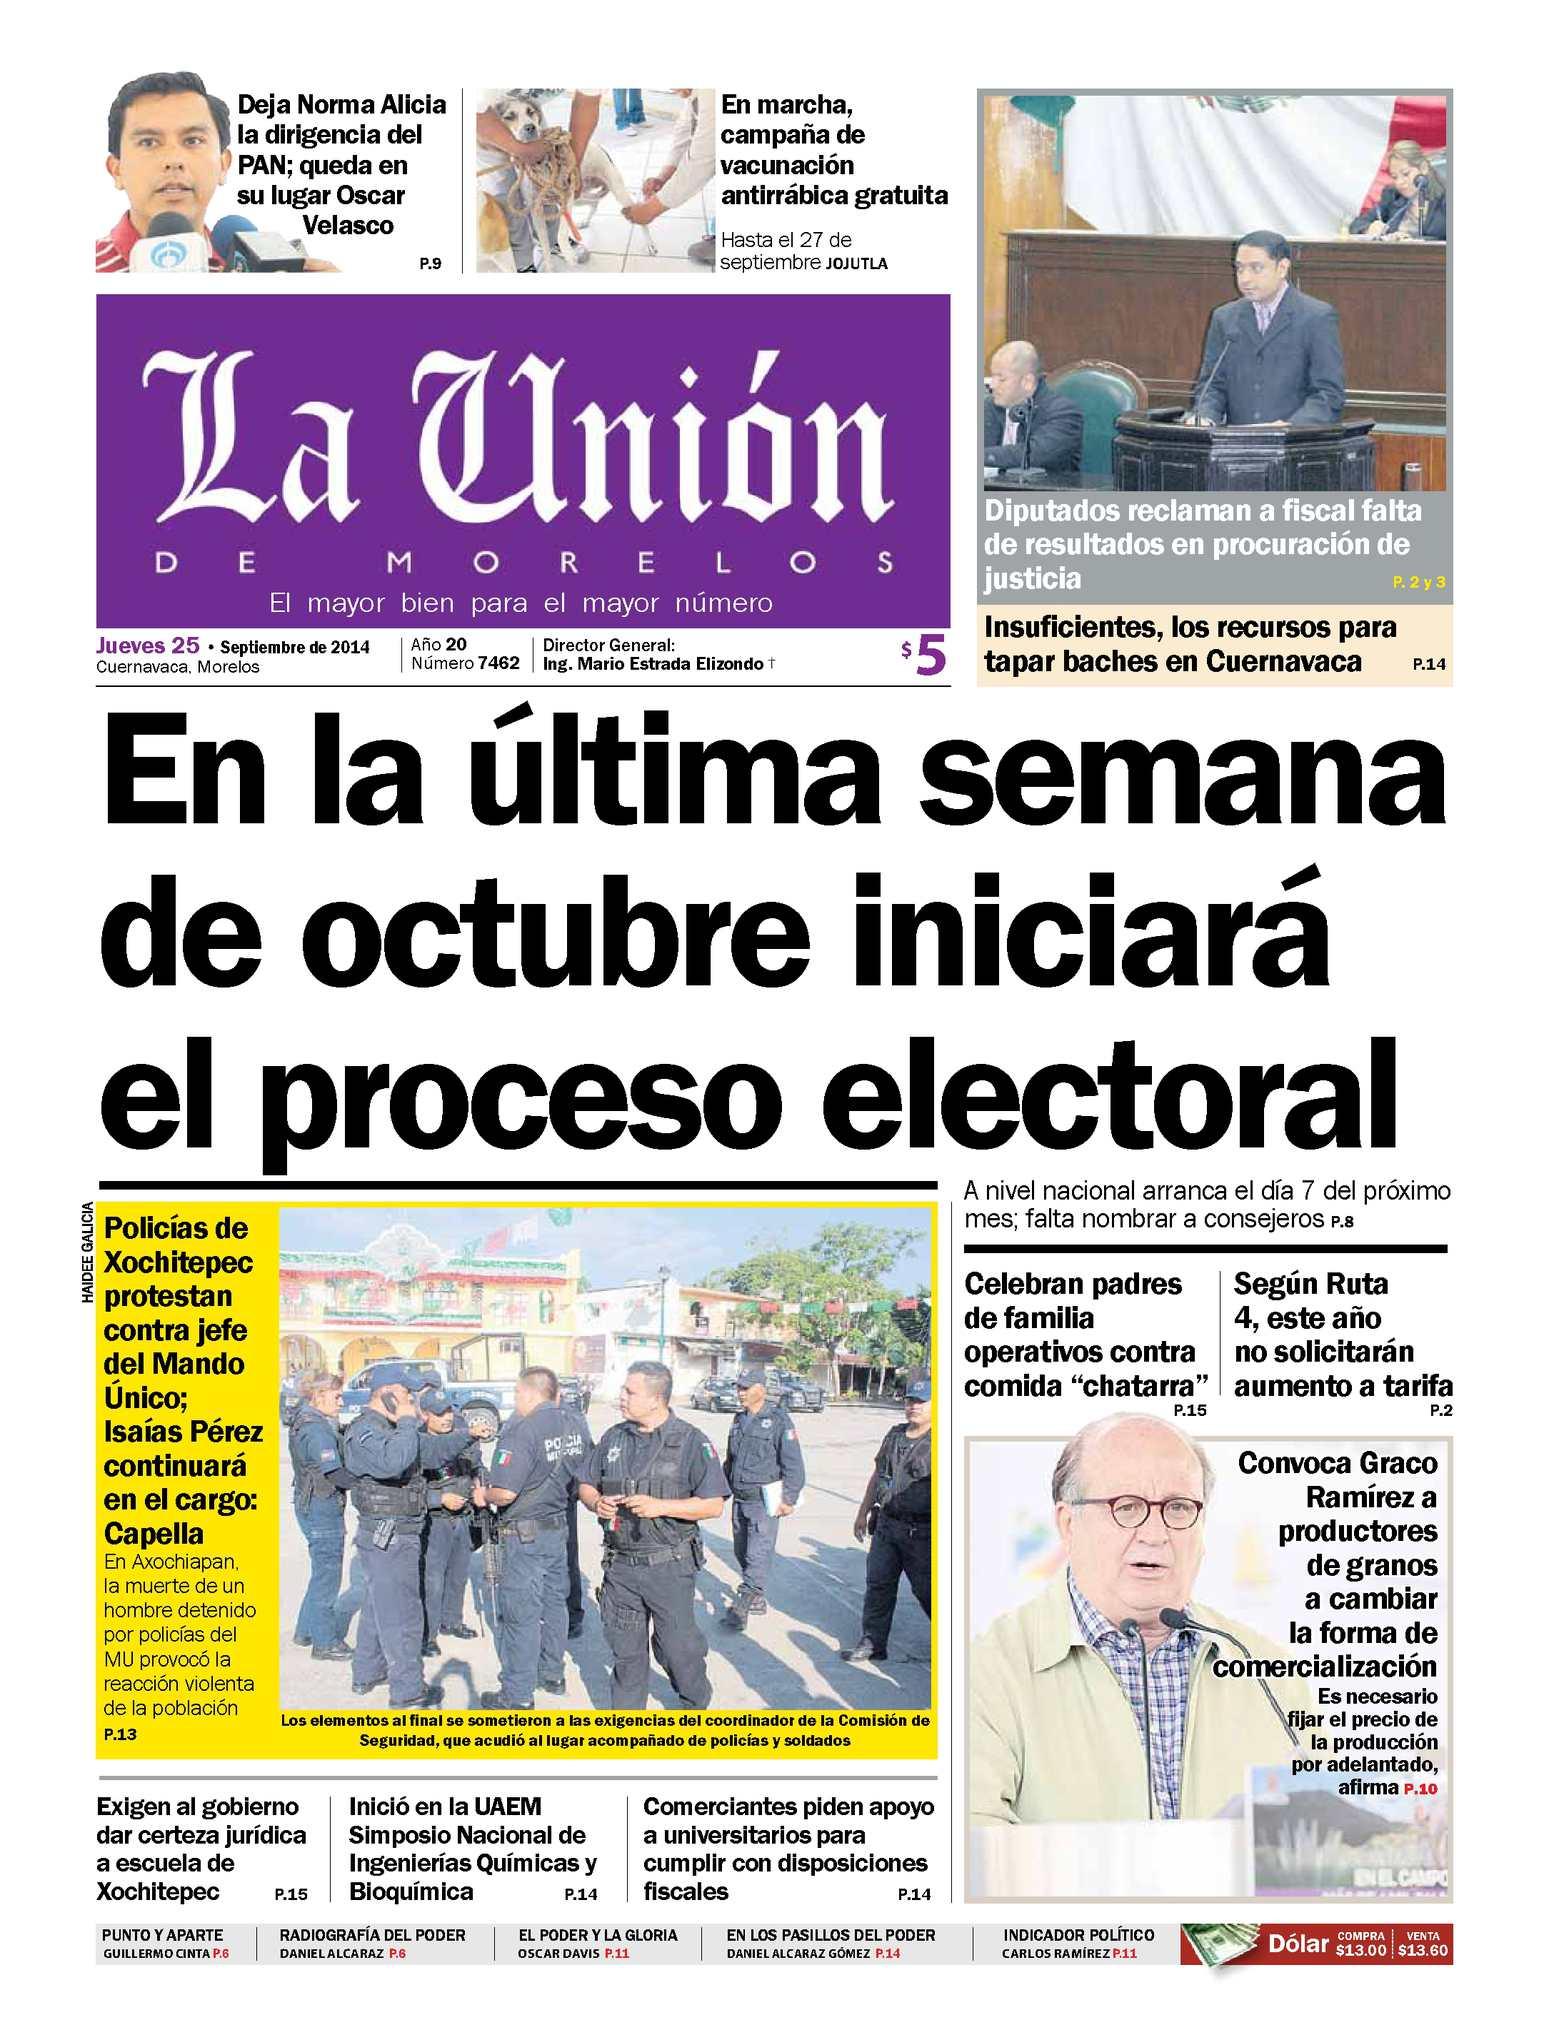 Calaméo - La Unión de morelos 25 Septiembre 2014